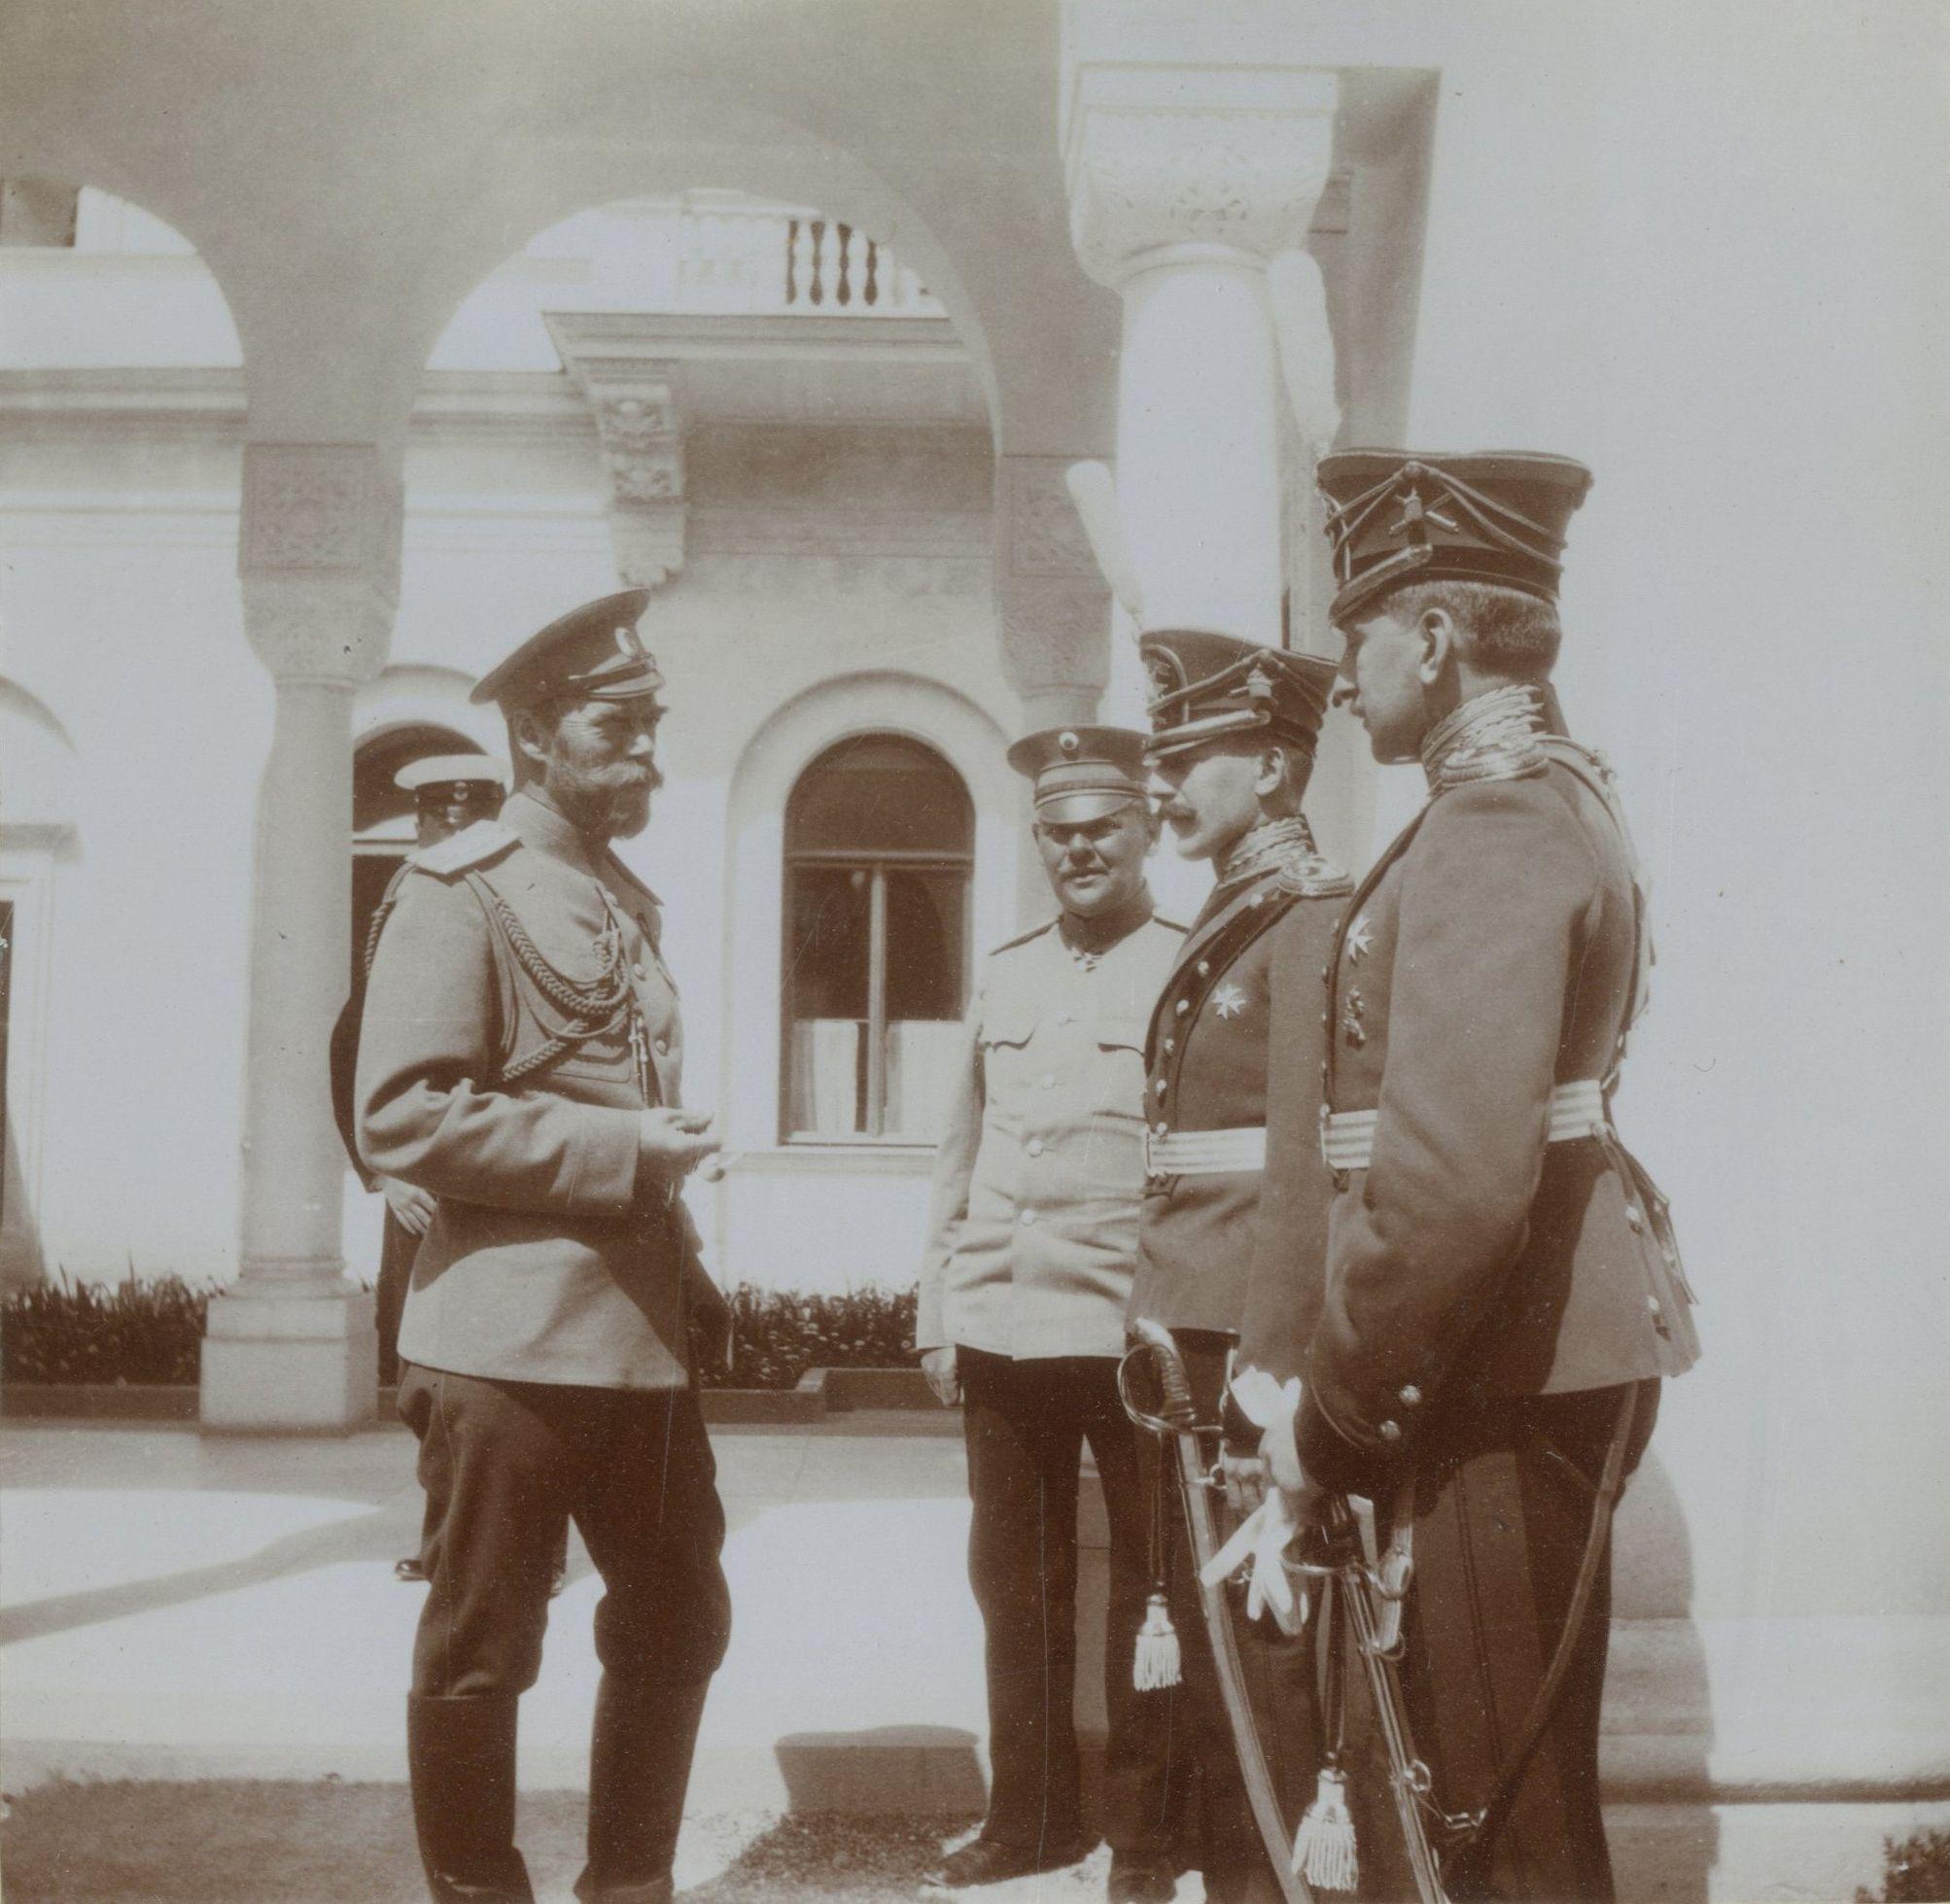 Tsar Nicholas II a conversar com os officers no Livadia Palace, em 27 de abril de 1912.